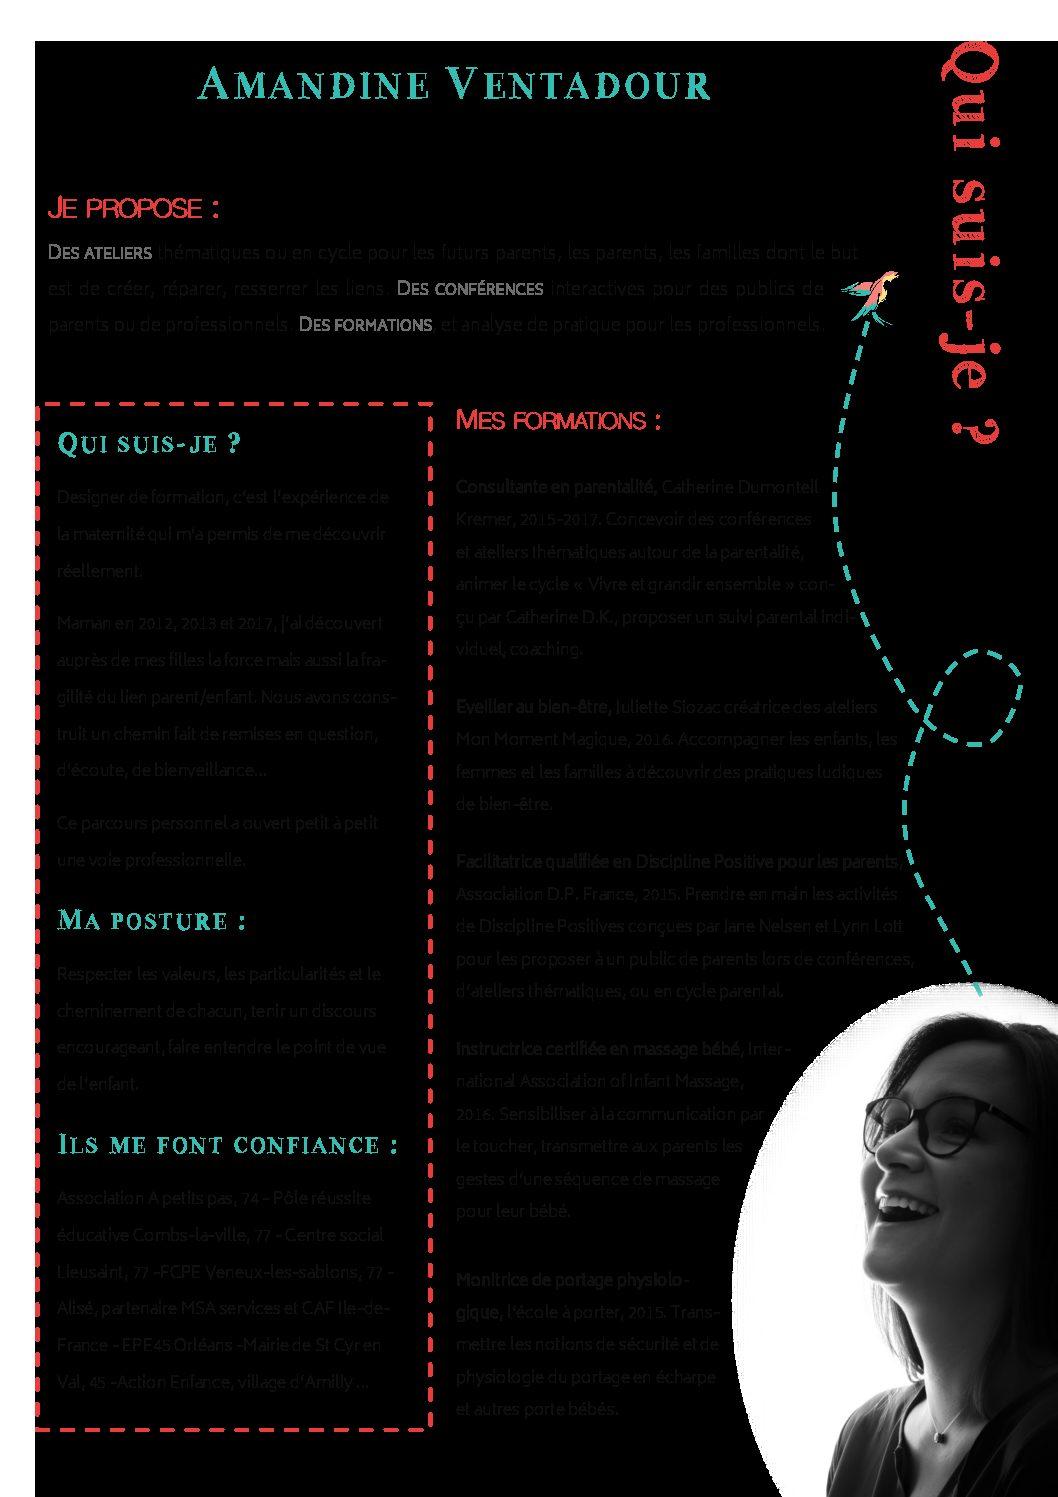 Amandine Ventadour consultante en parentalité - qui suis je catalogue v3